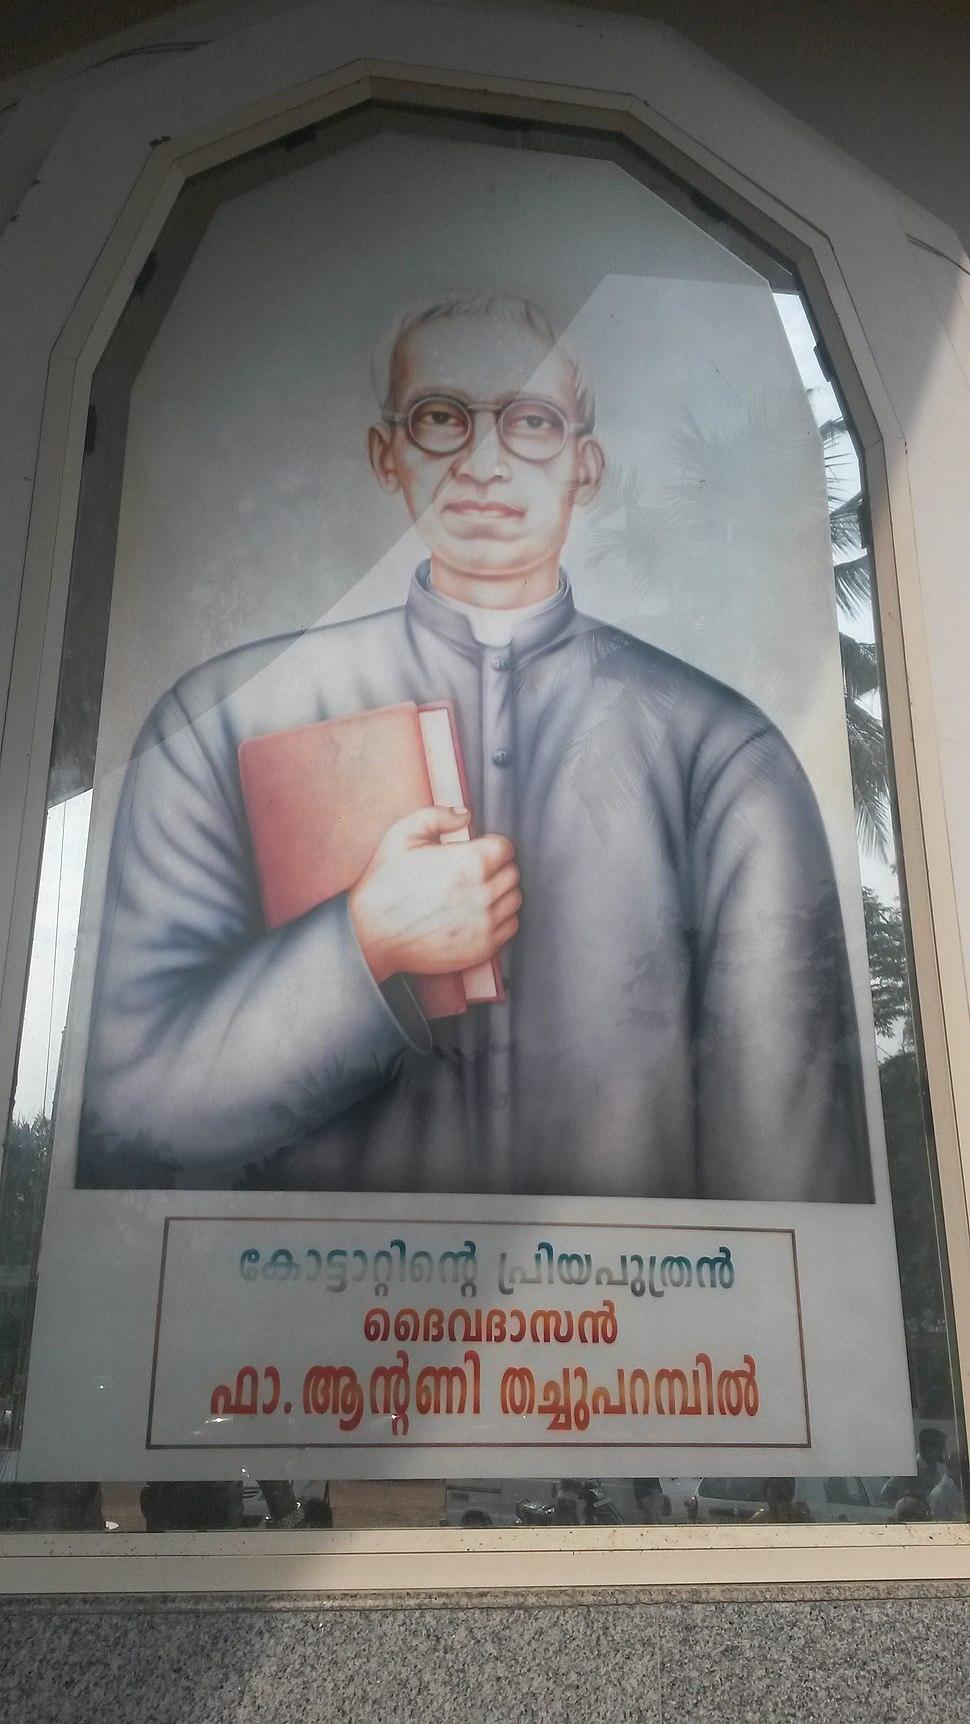 Antony Thachuparambil